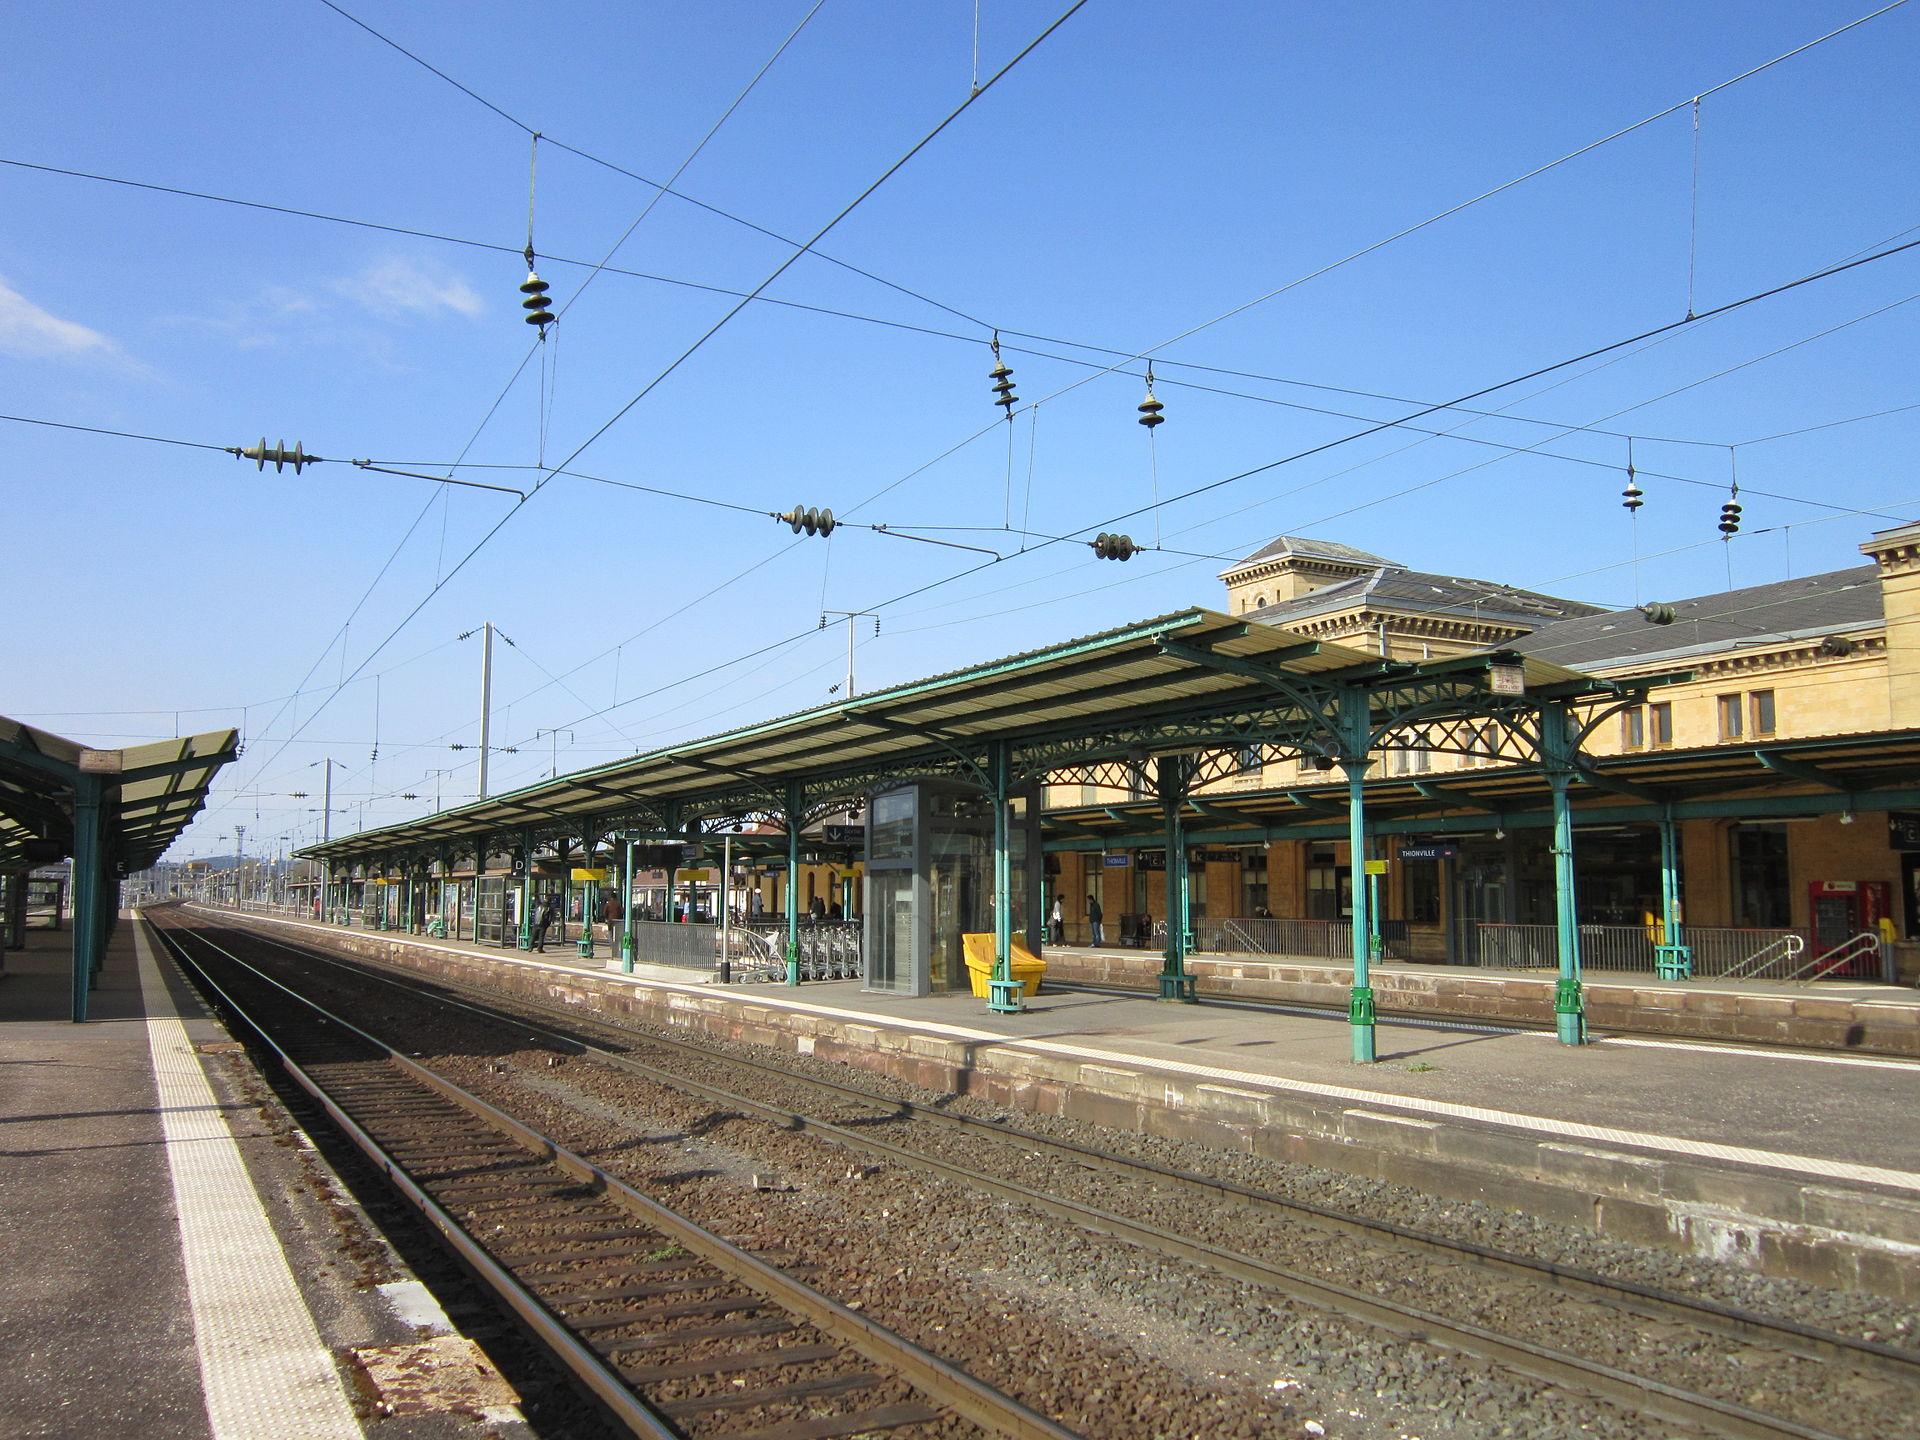 Gare de thionville wikipedia for Piscine thionville